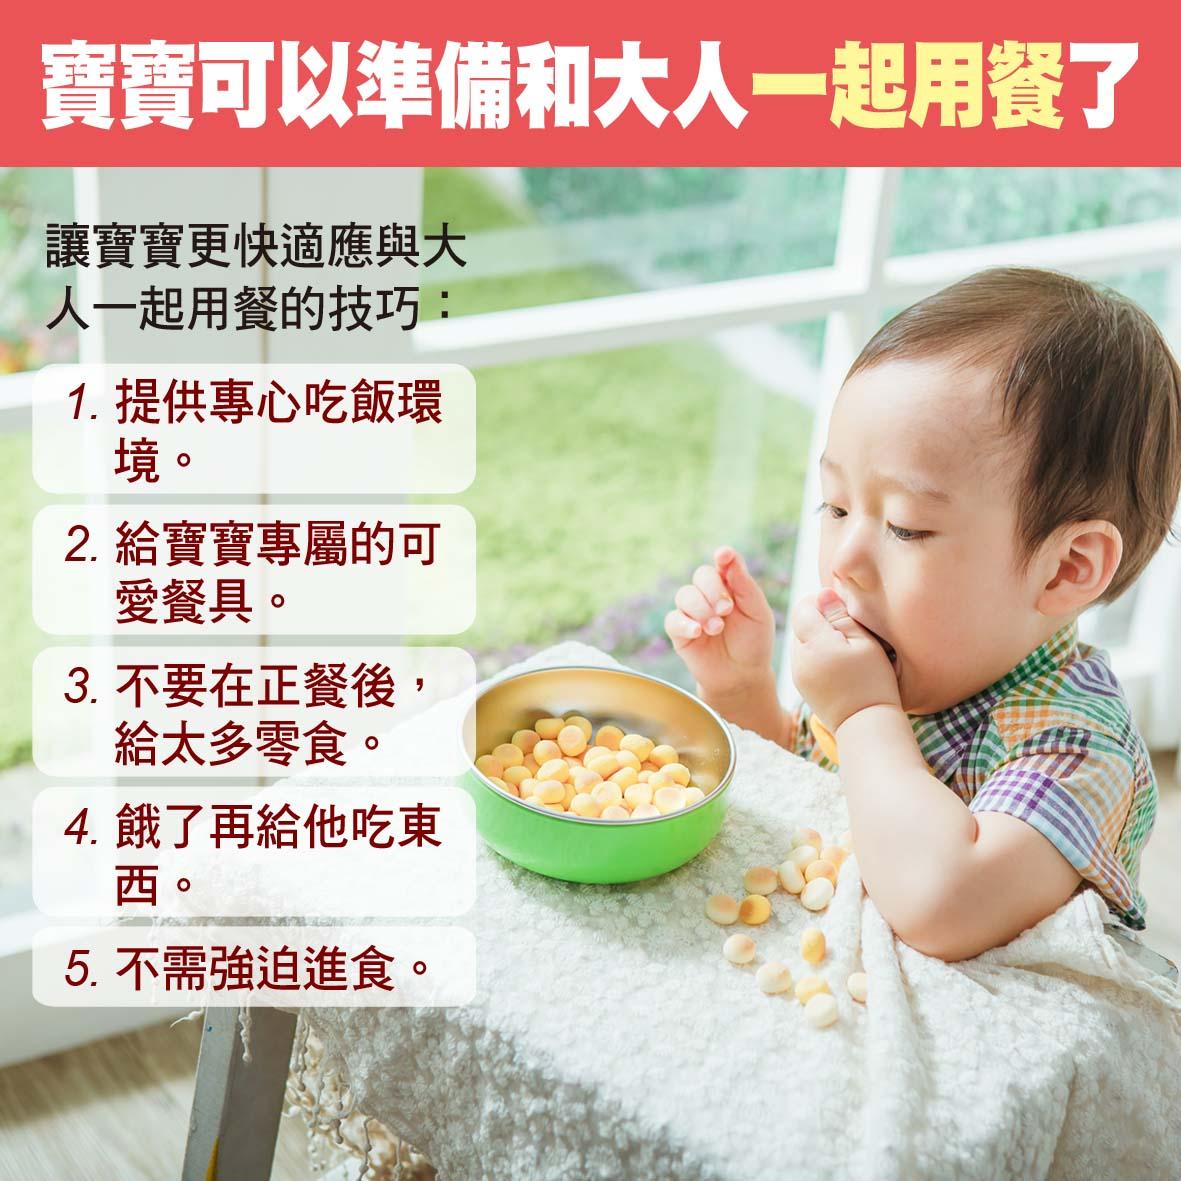 寶寶篇第47週-寶寶可以準備和大人一起用餐了